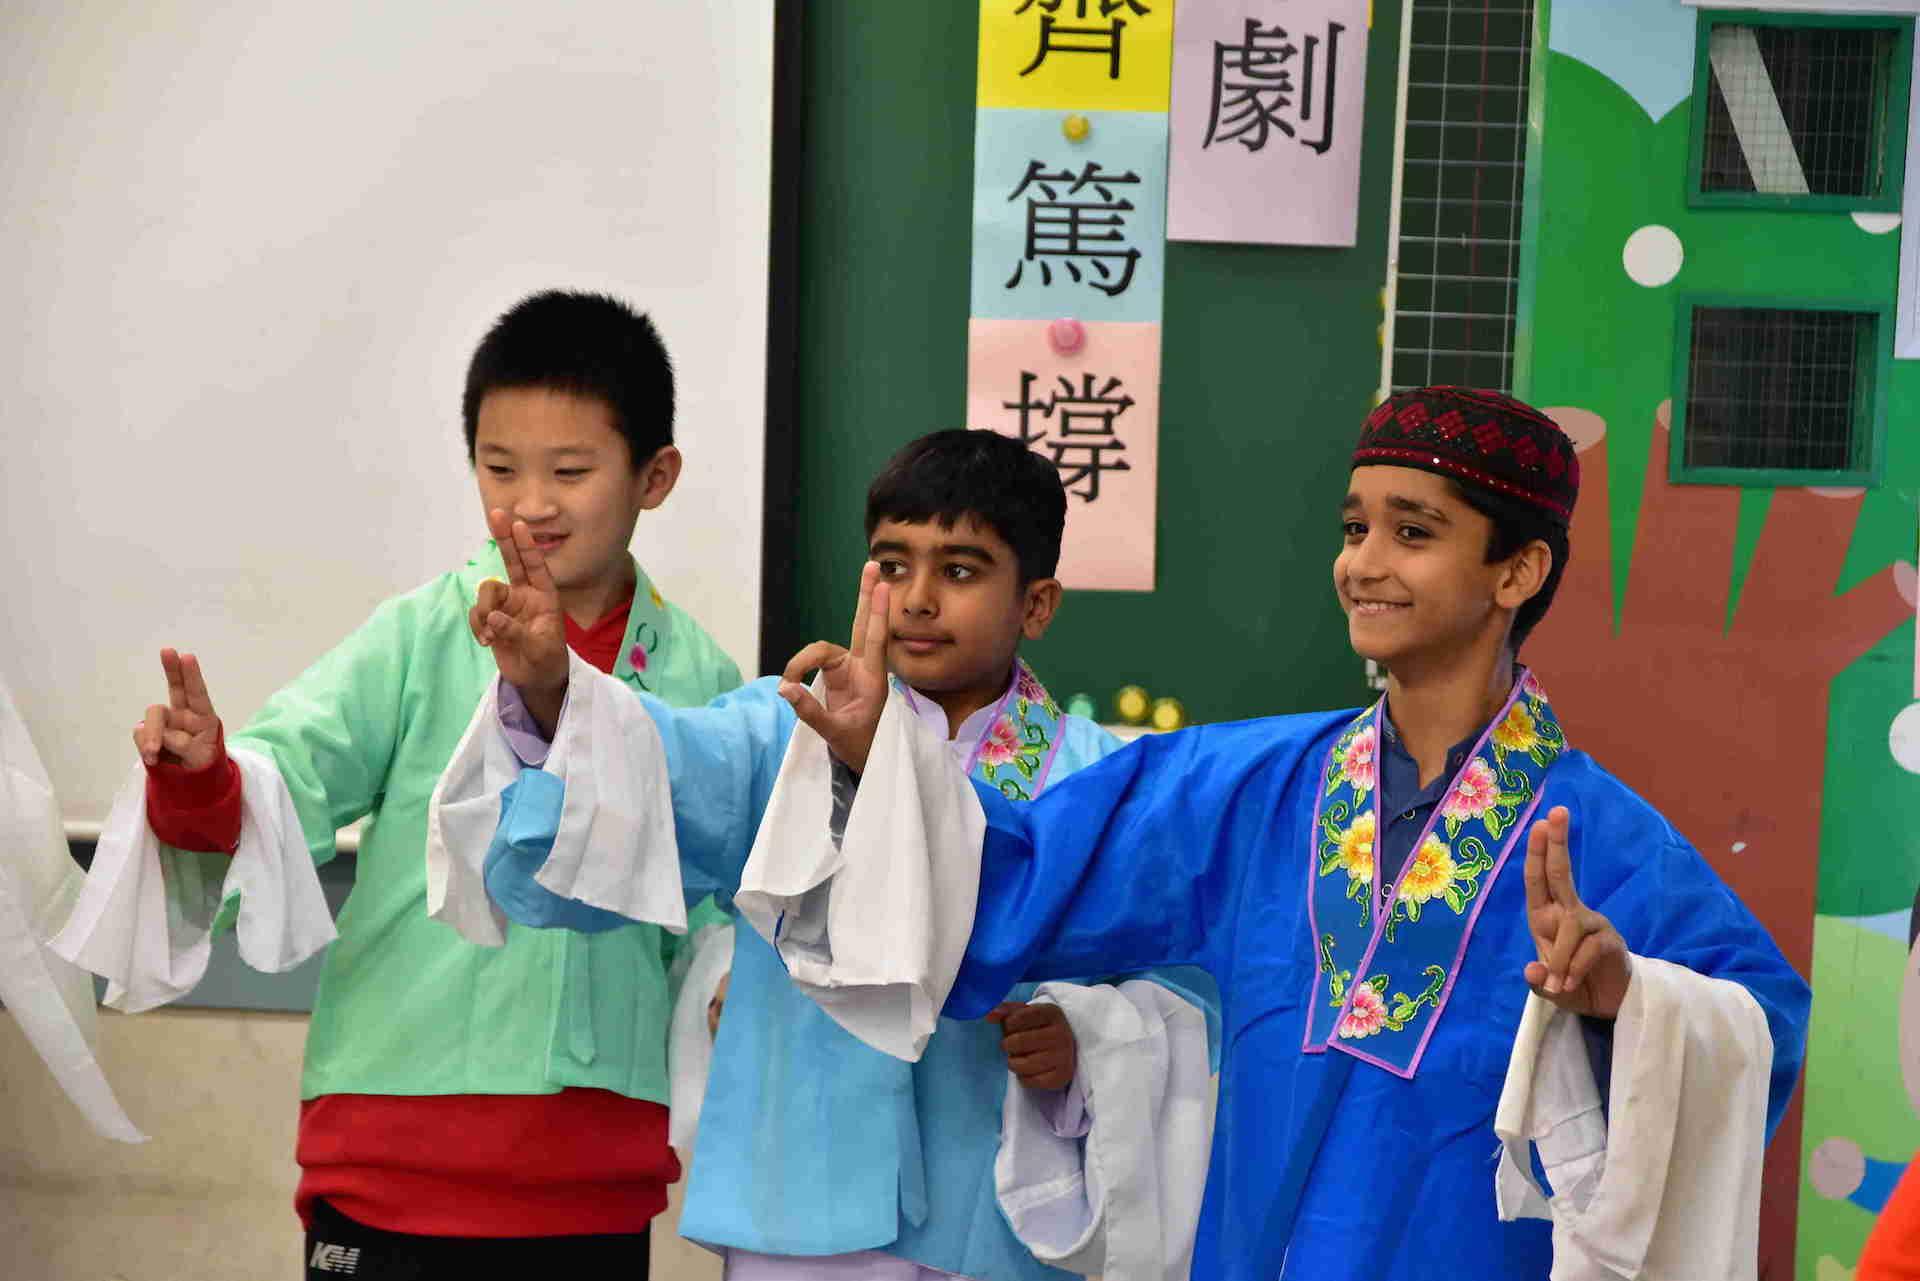 粵劇老師帶領學生動起來,「齊」「篤」「撐」!